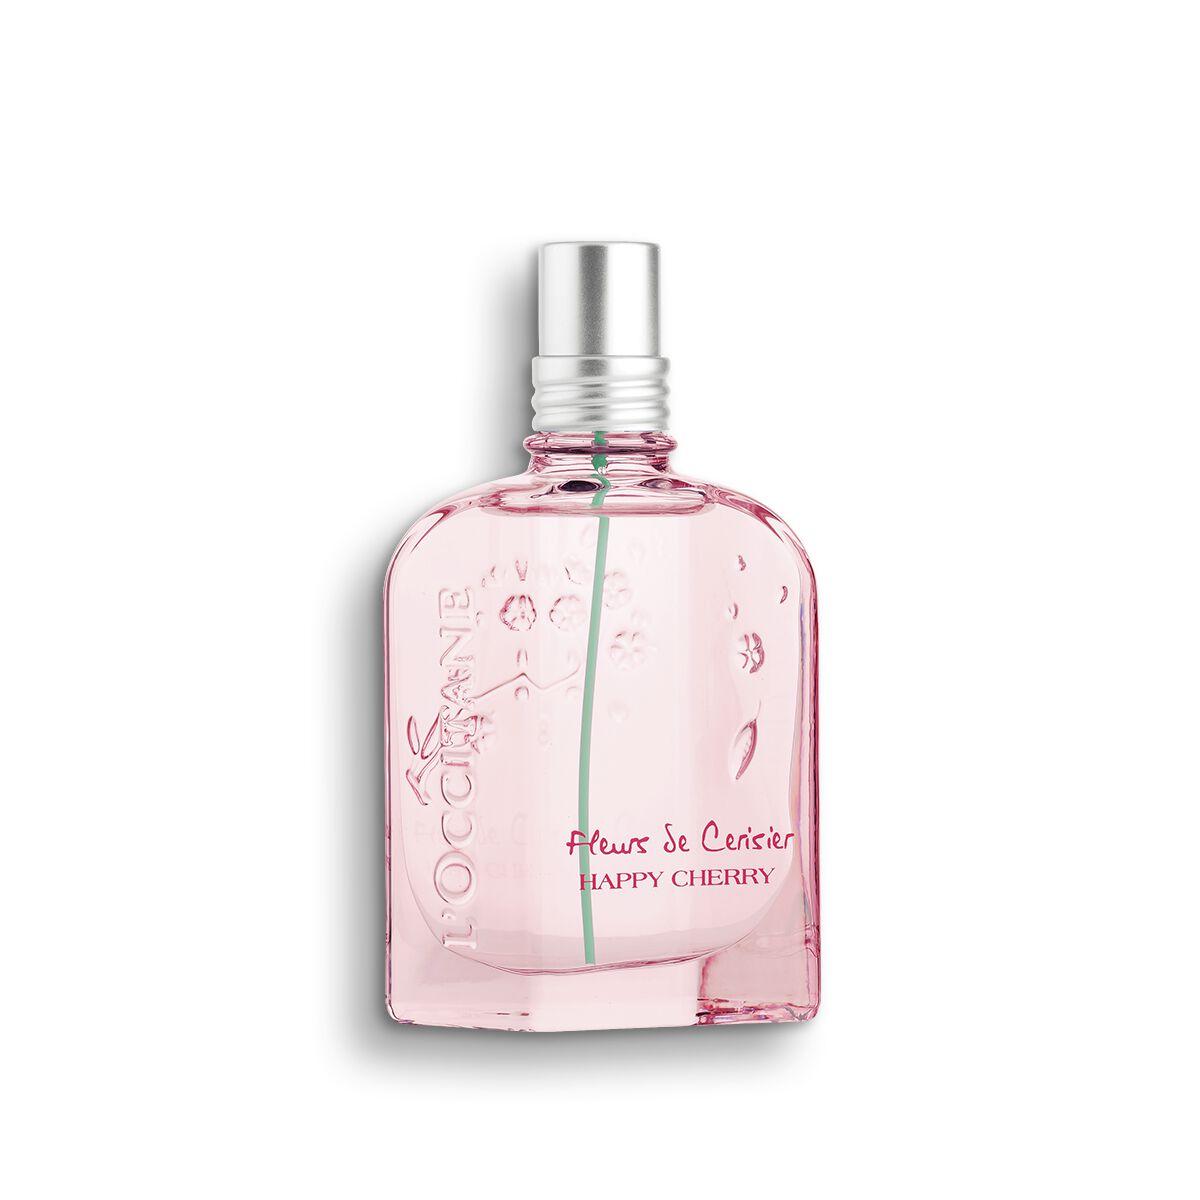 Fleurs de Cerisier Happy Cherry Eau De Toilette 1.6 fl. oz.